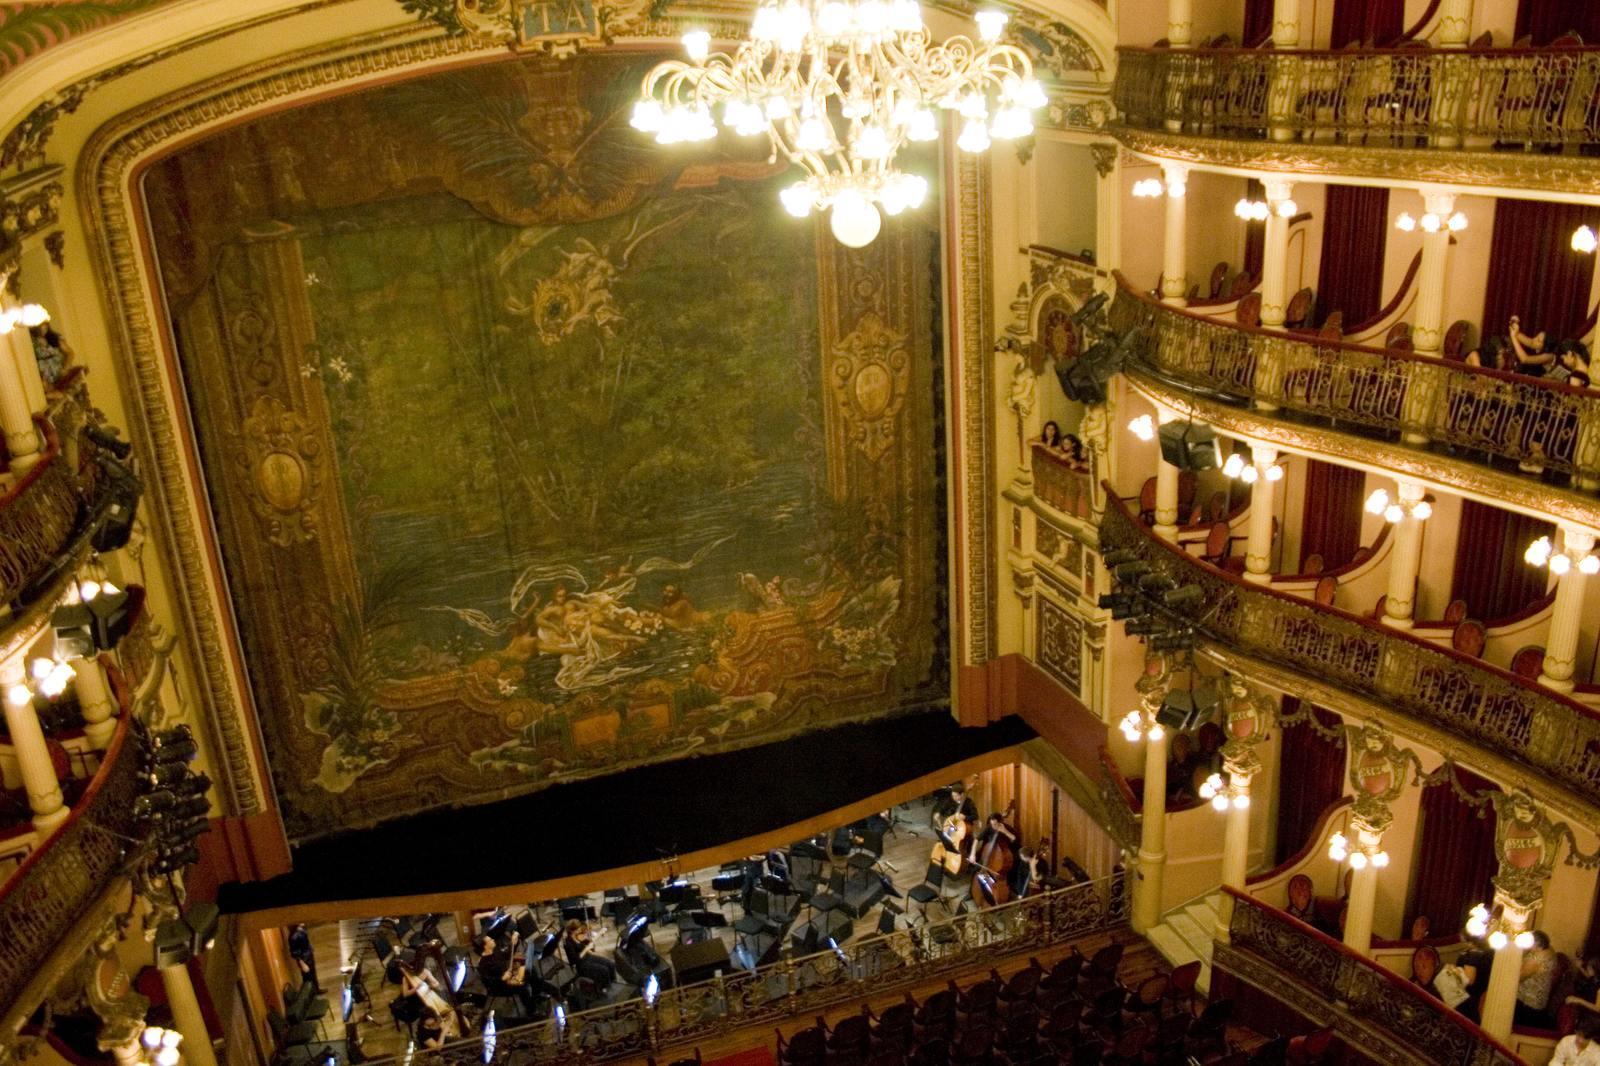 teatro amazonas1 Teatro Amazonas   Opera House in the Heart of Amazonia